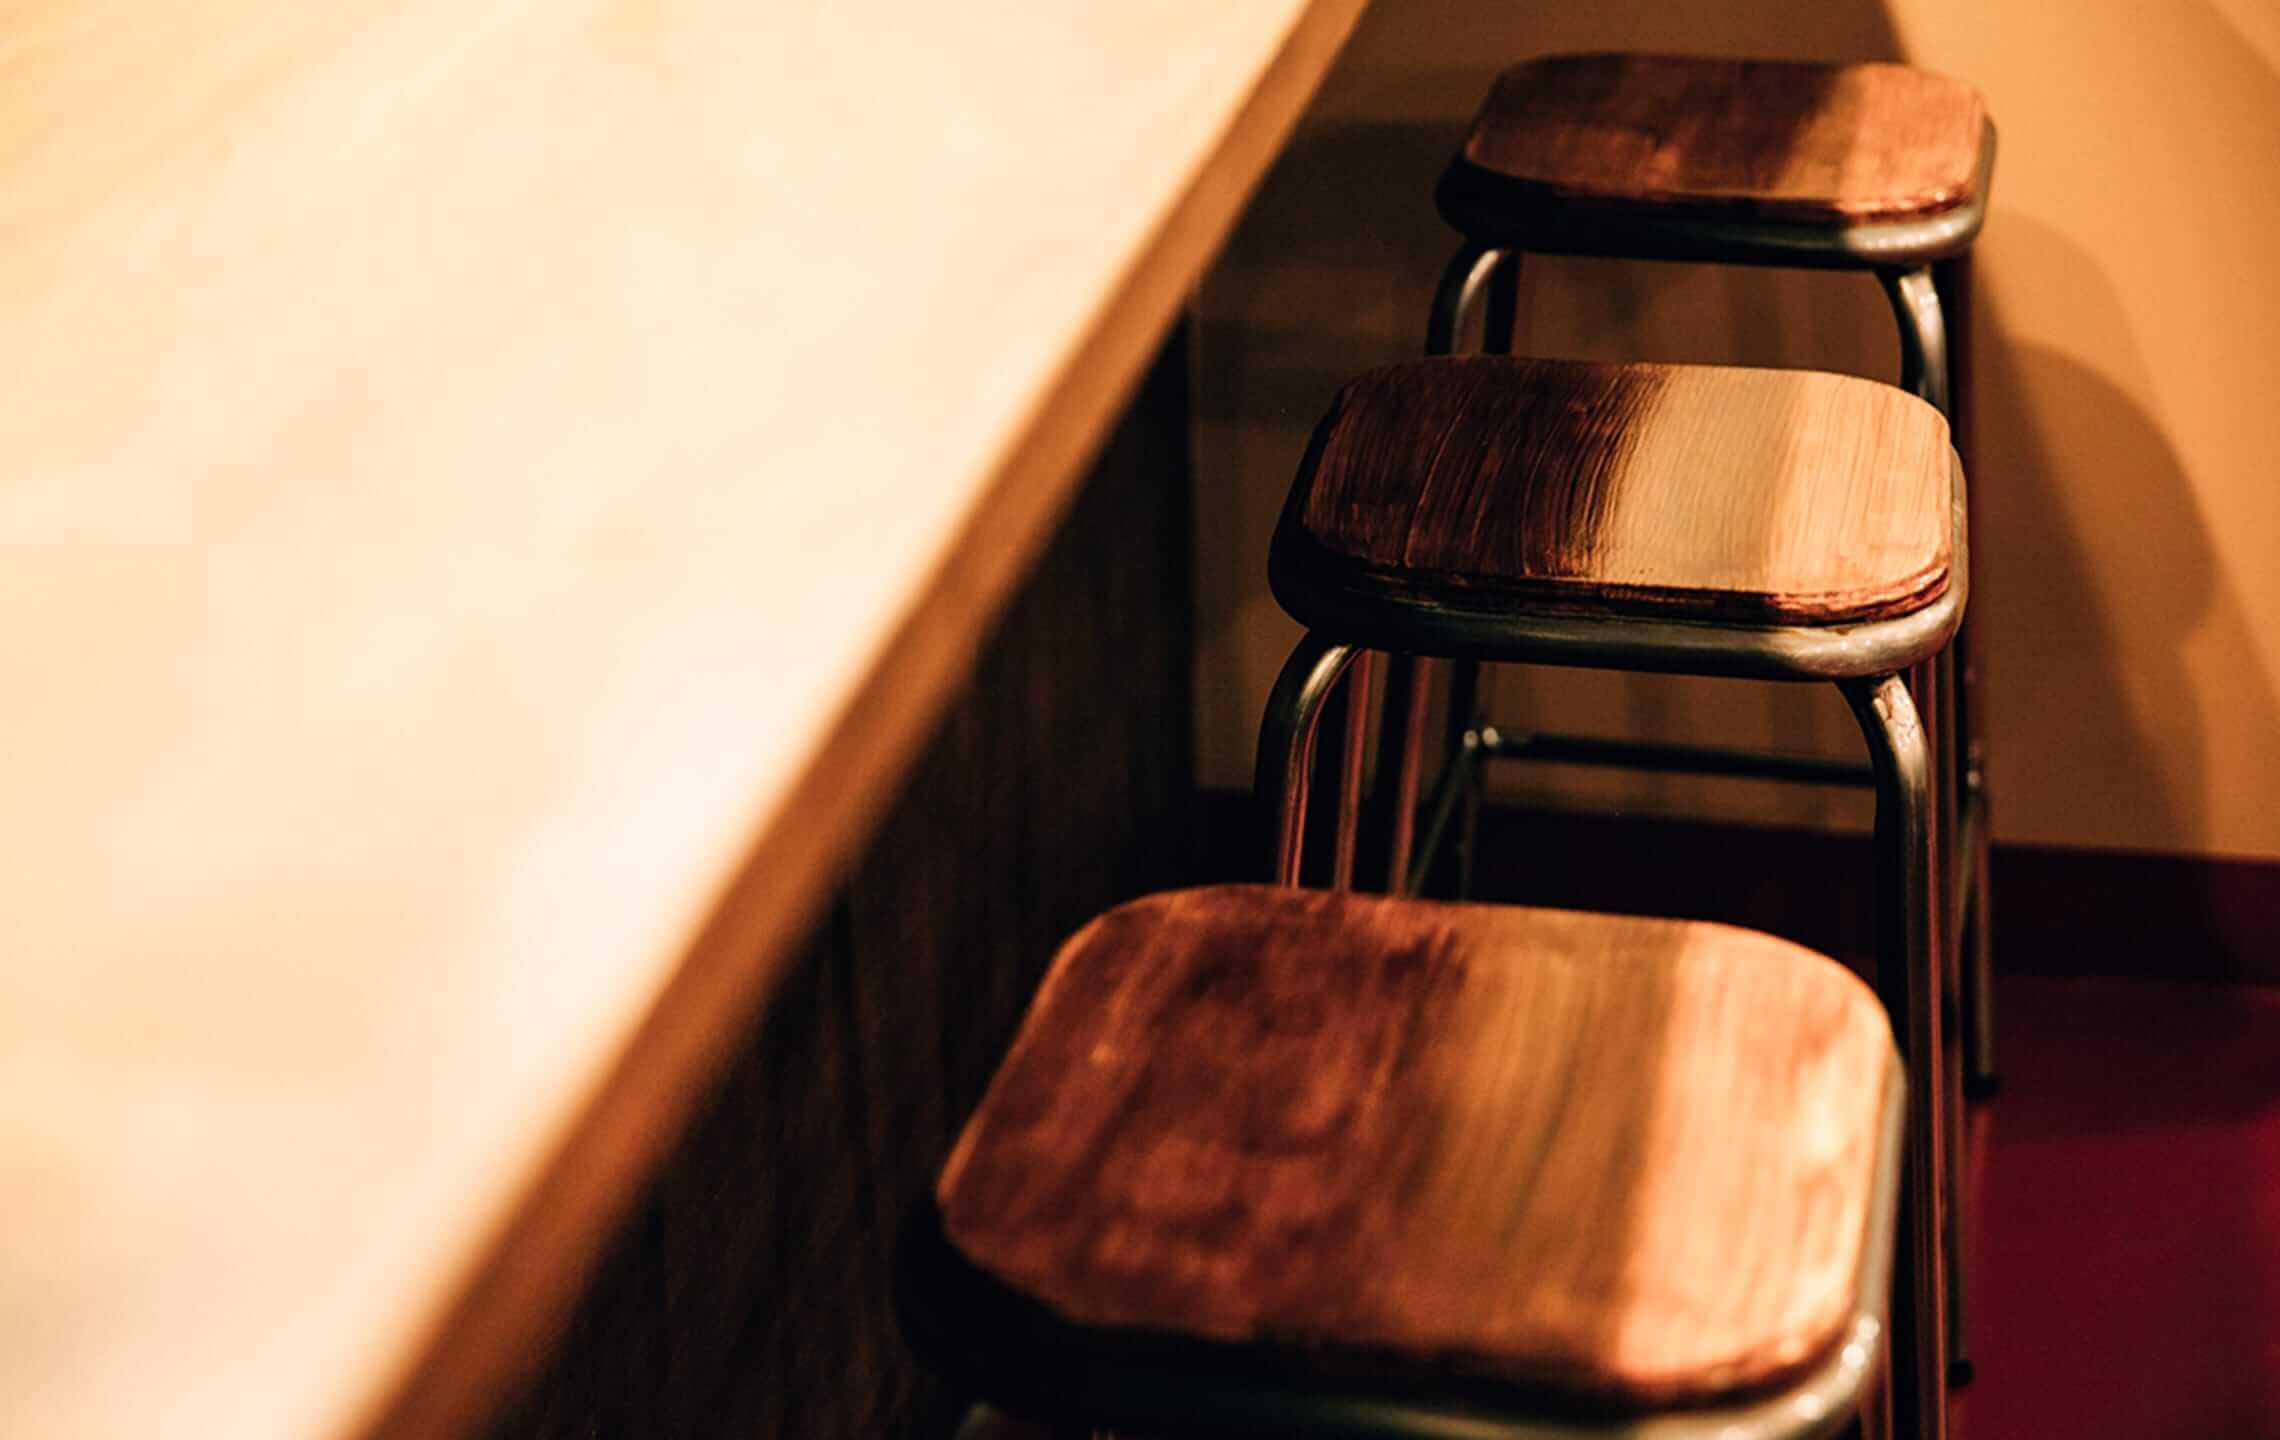 木目調の椅子画像